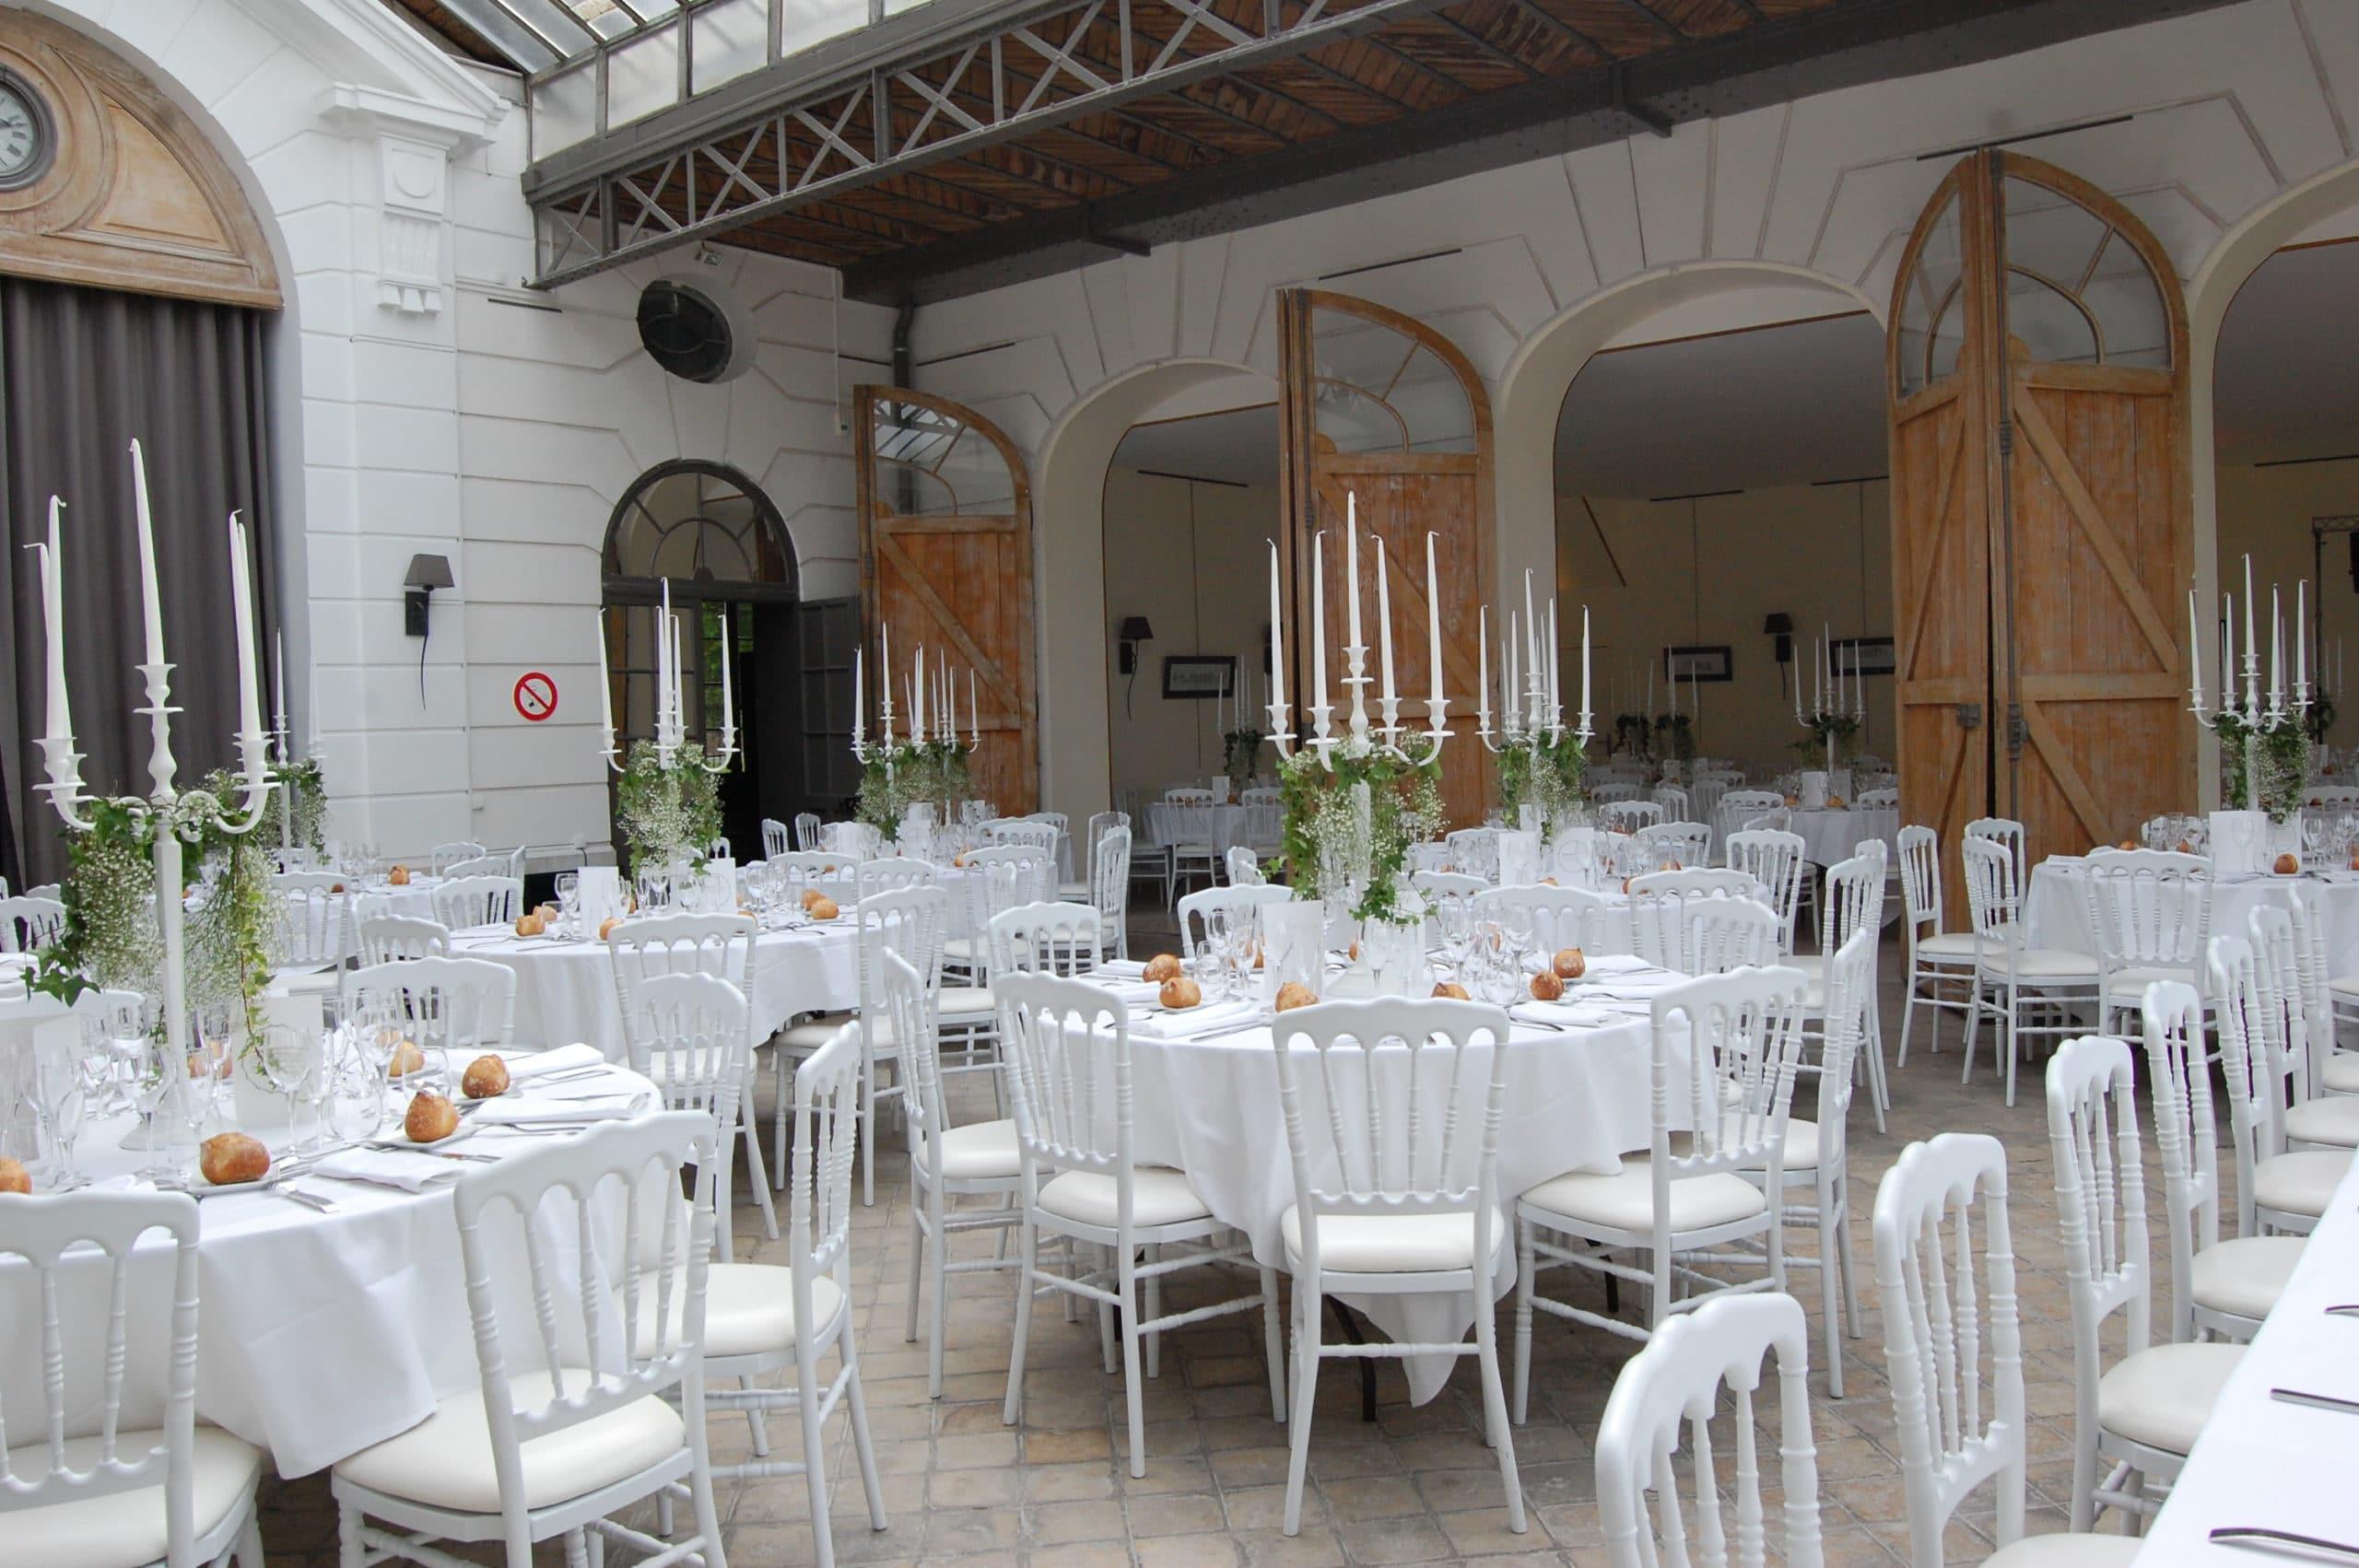 Salle_de_receptions_loiret_gien_chateau_de_pont_chevron_3